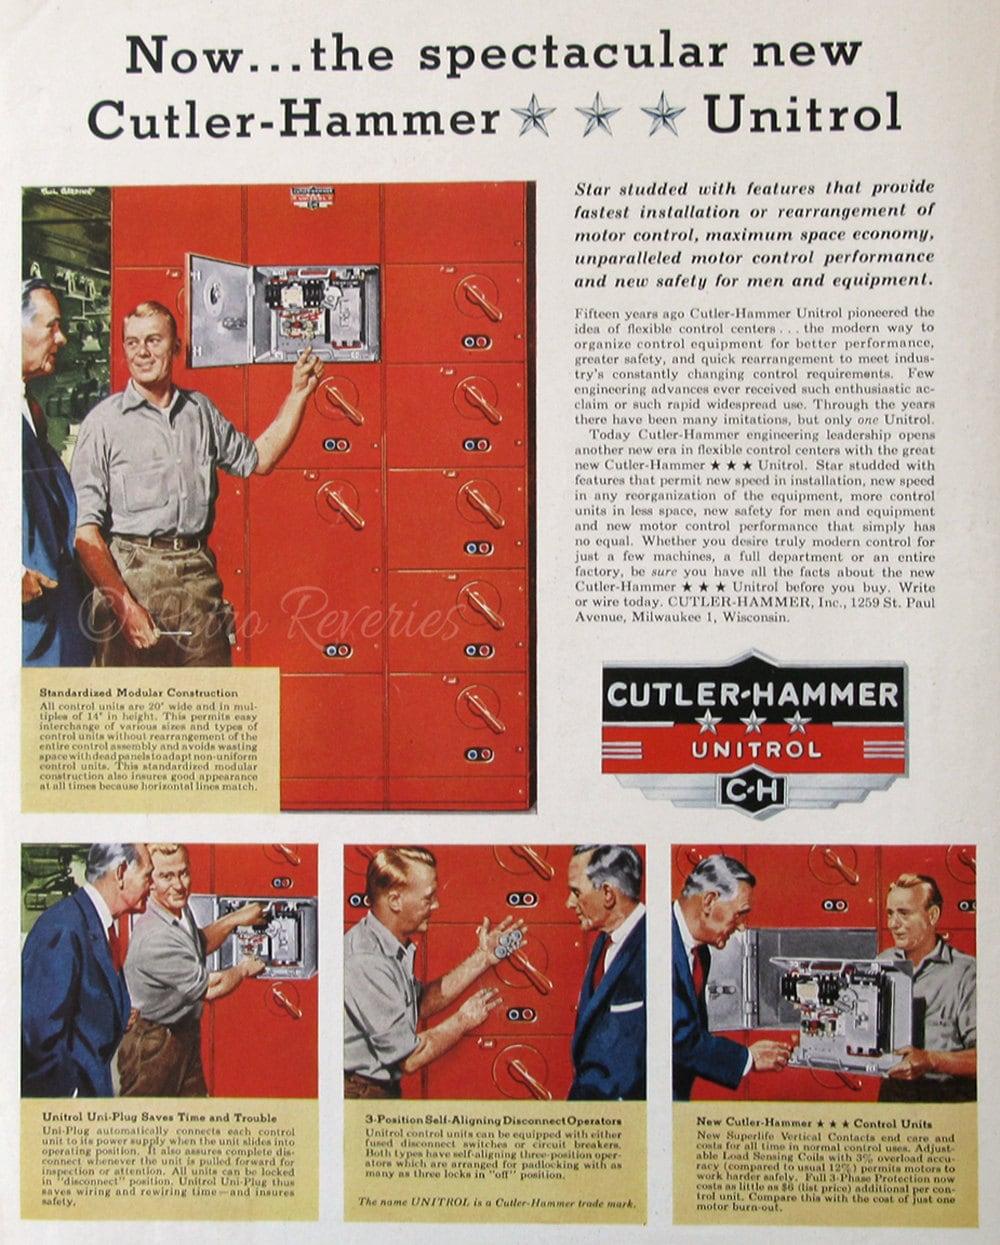 1955 Cutler Hammer Unitrol Ad 1950s Motor Control Center